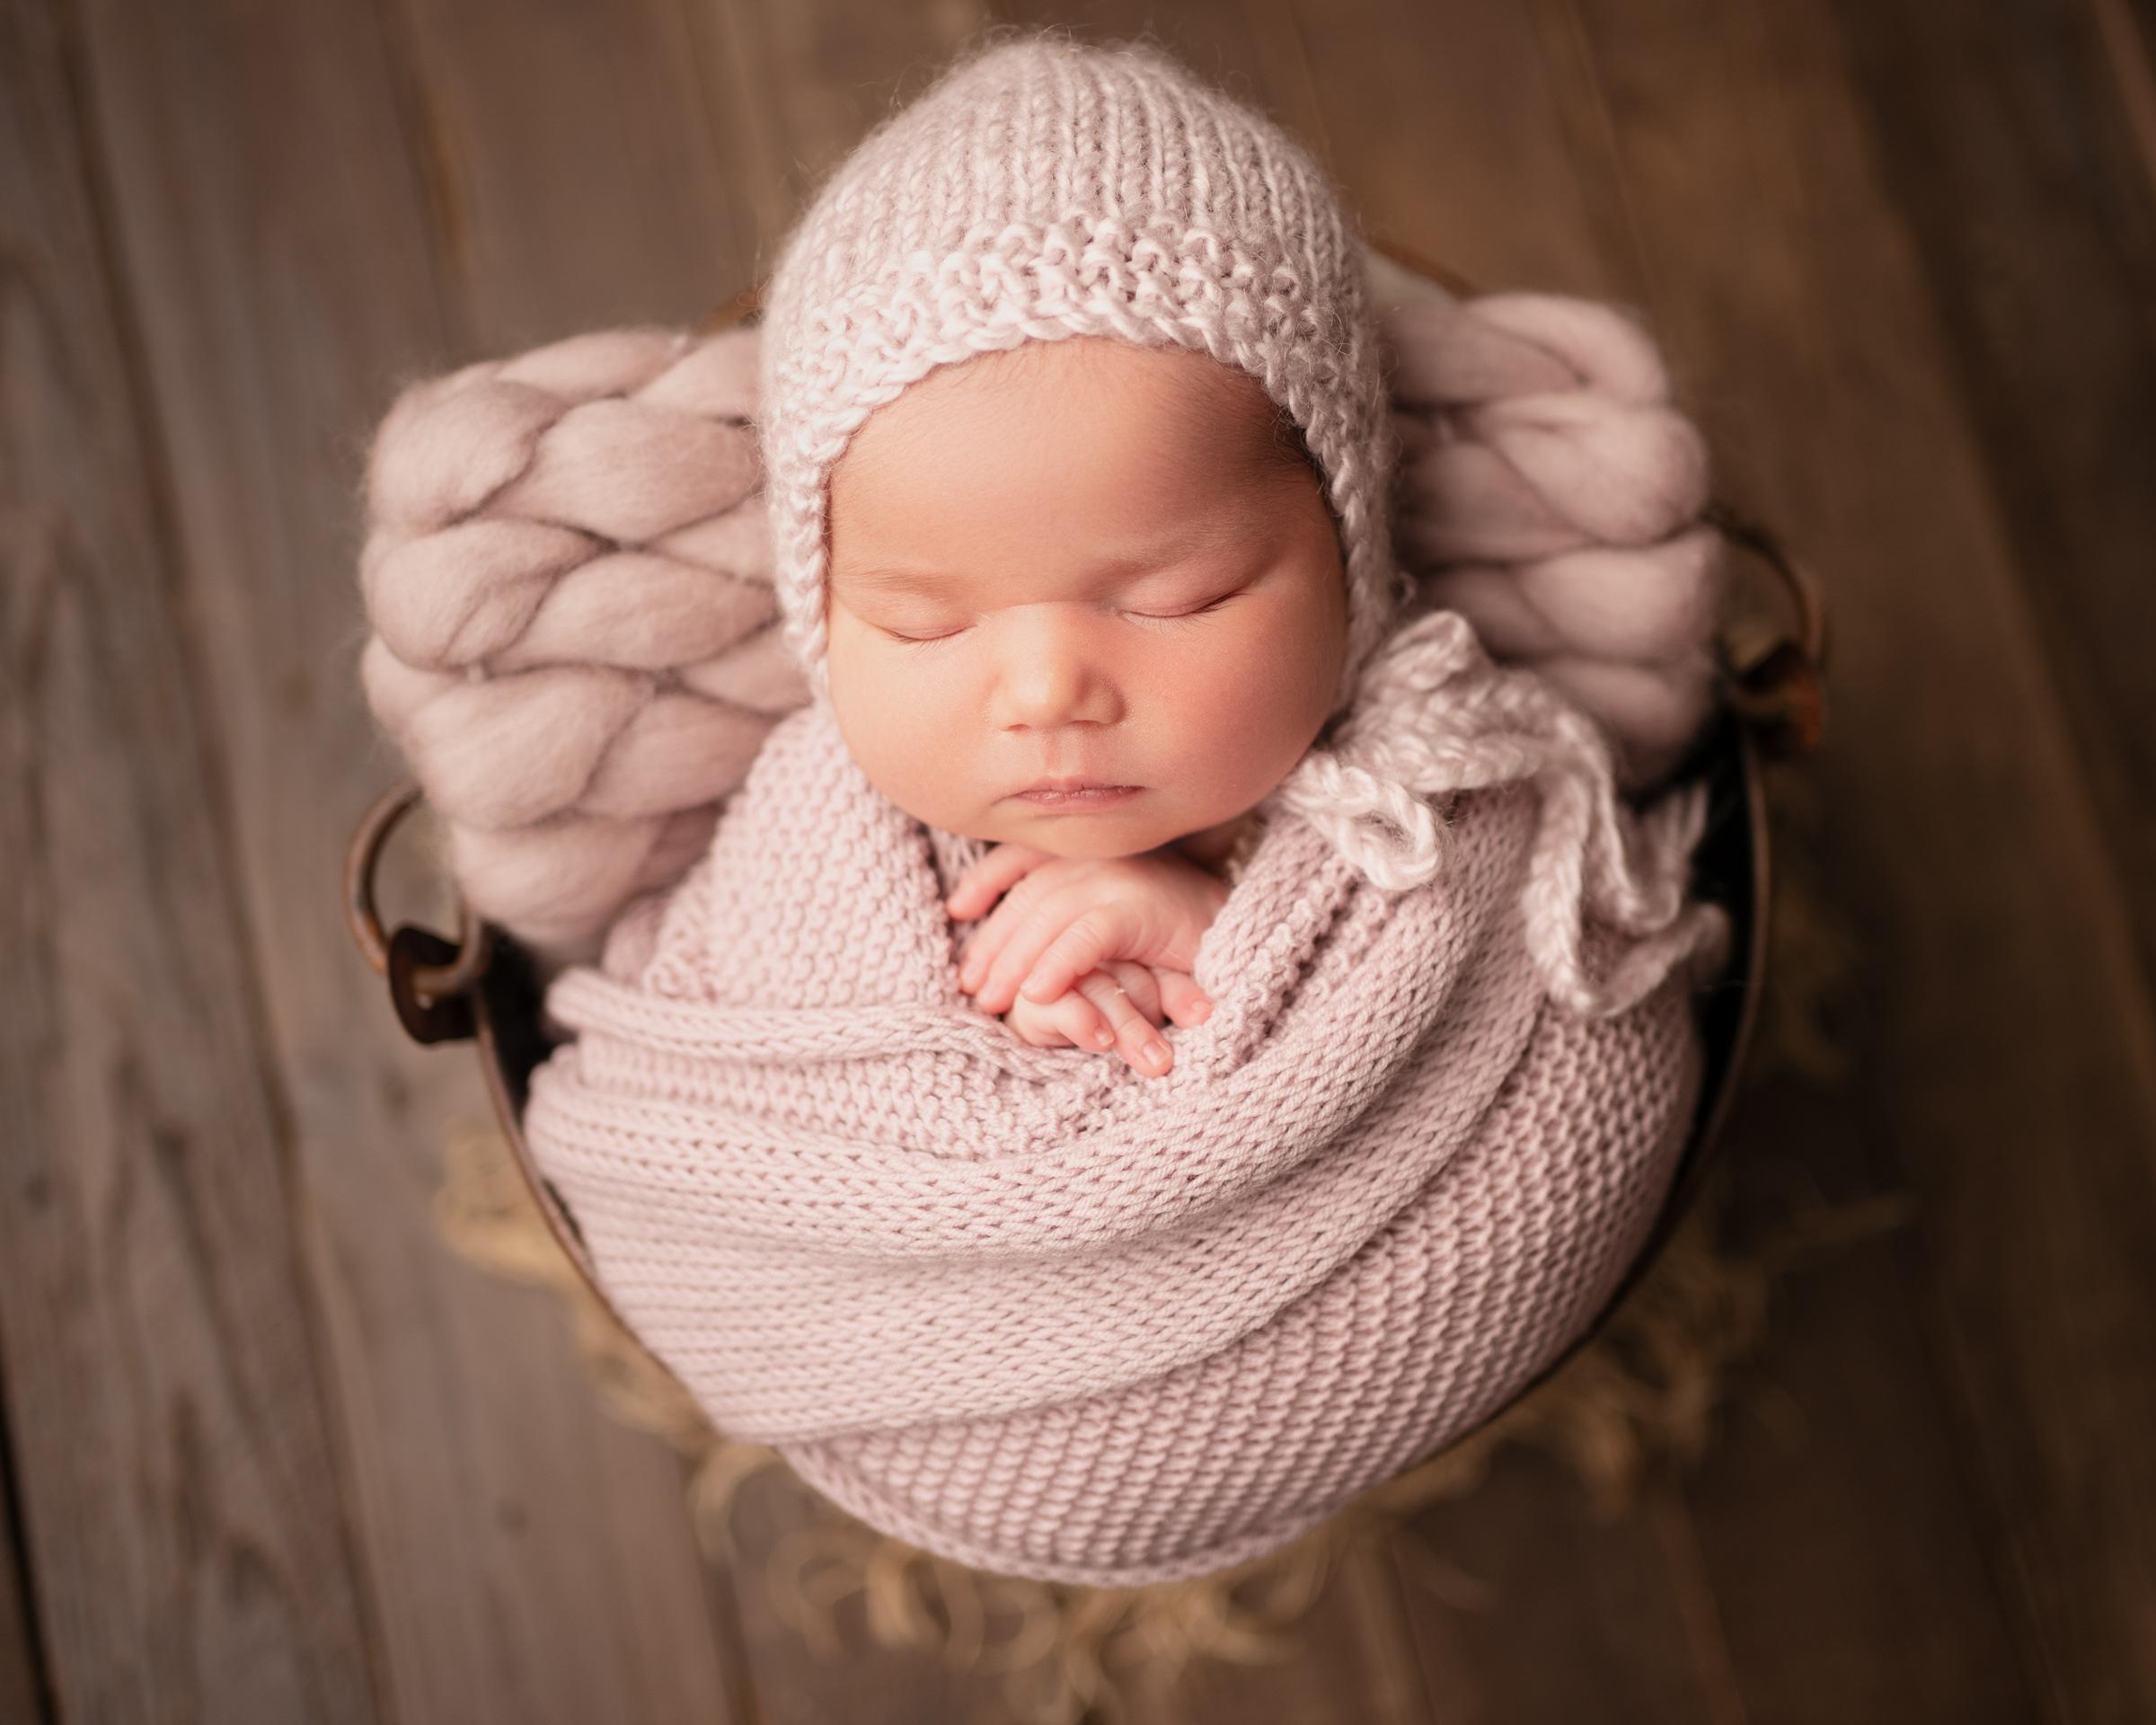 raleigh newborn photographer - baby helena 7